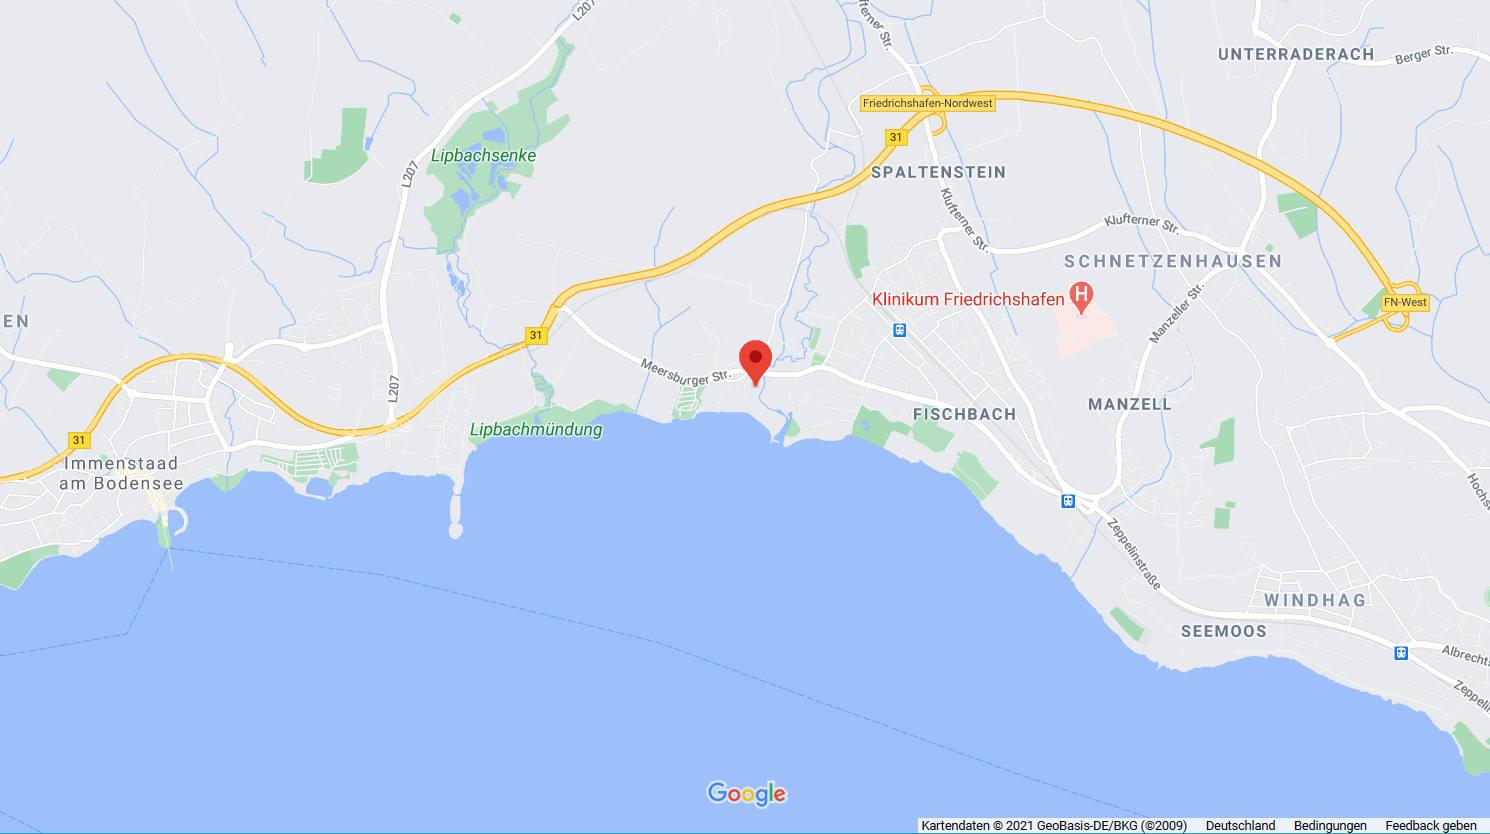 Umgebung bei Google Maps anzeigen